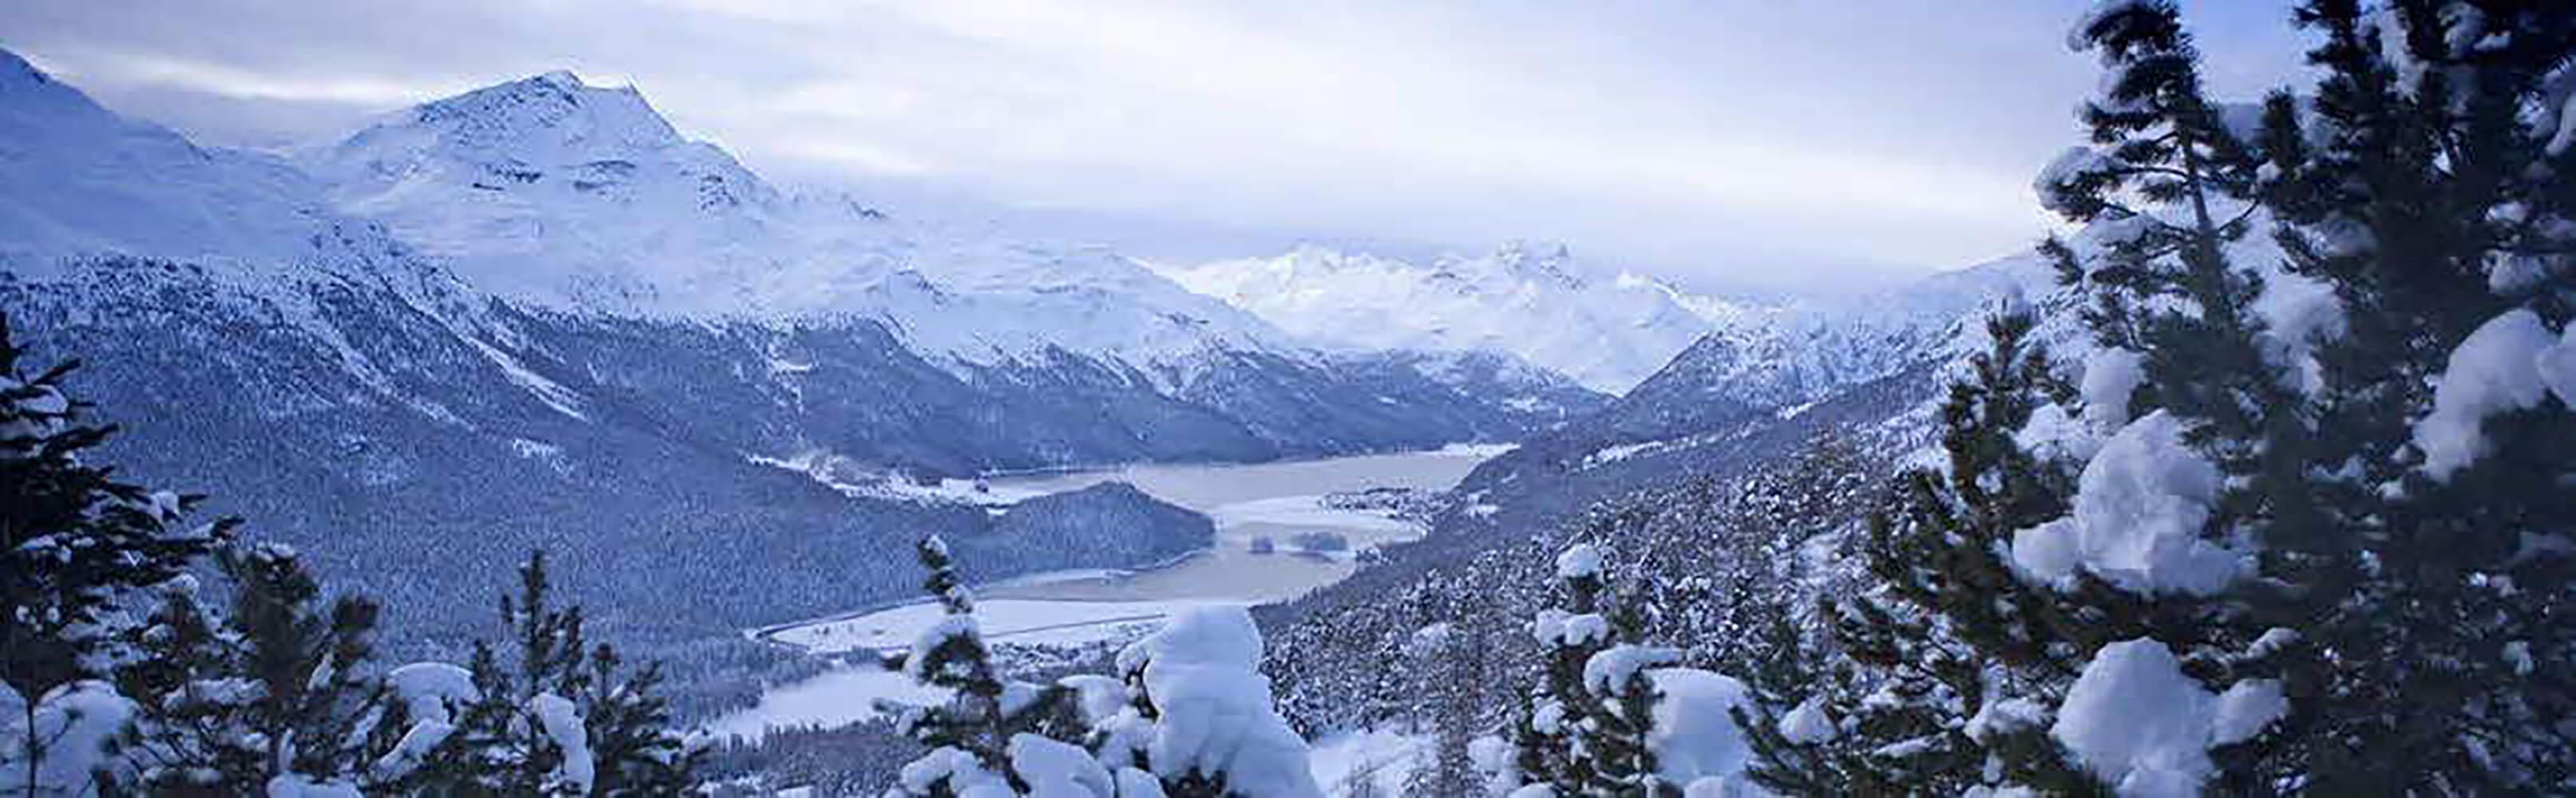 Engadin St. Moritz - Winterwandern 1